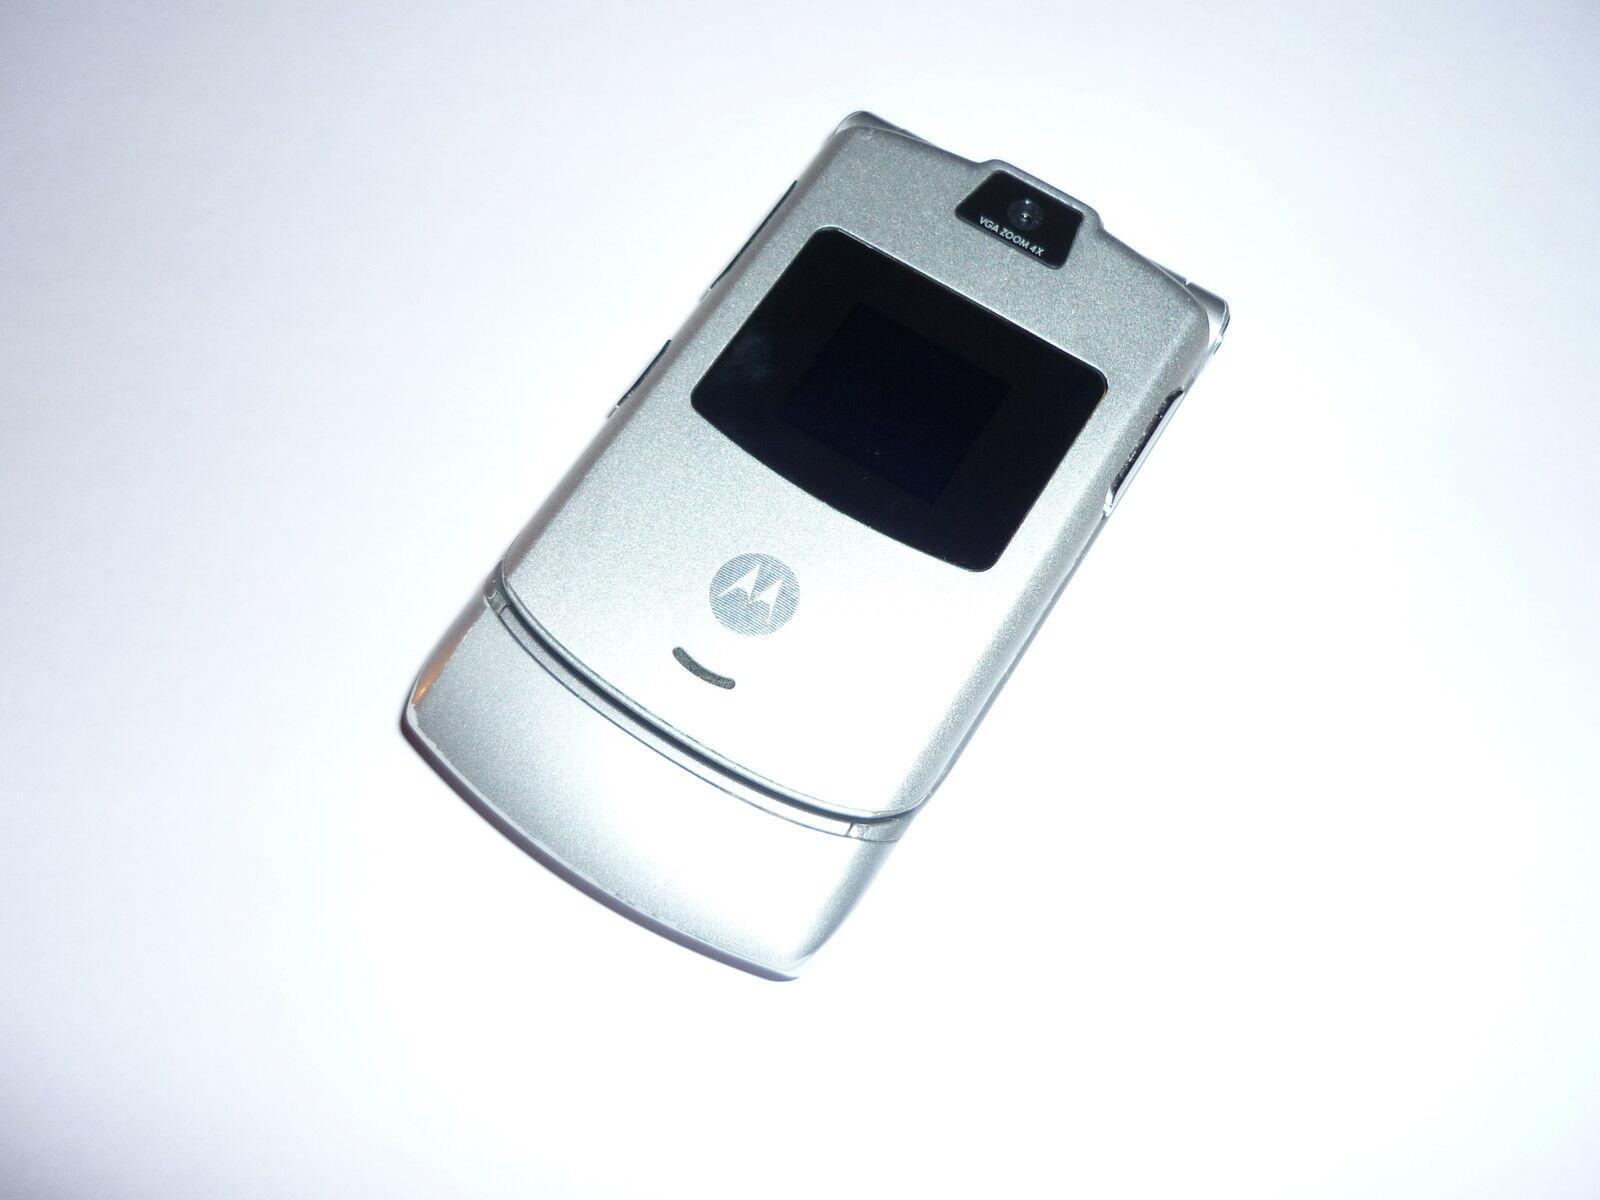 Motorola Razr V3 TOP Zustand Simlockfrei 12 Monate Gewährleistung DHL Versand